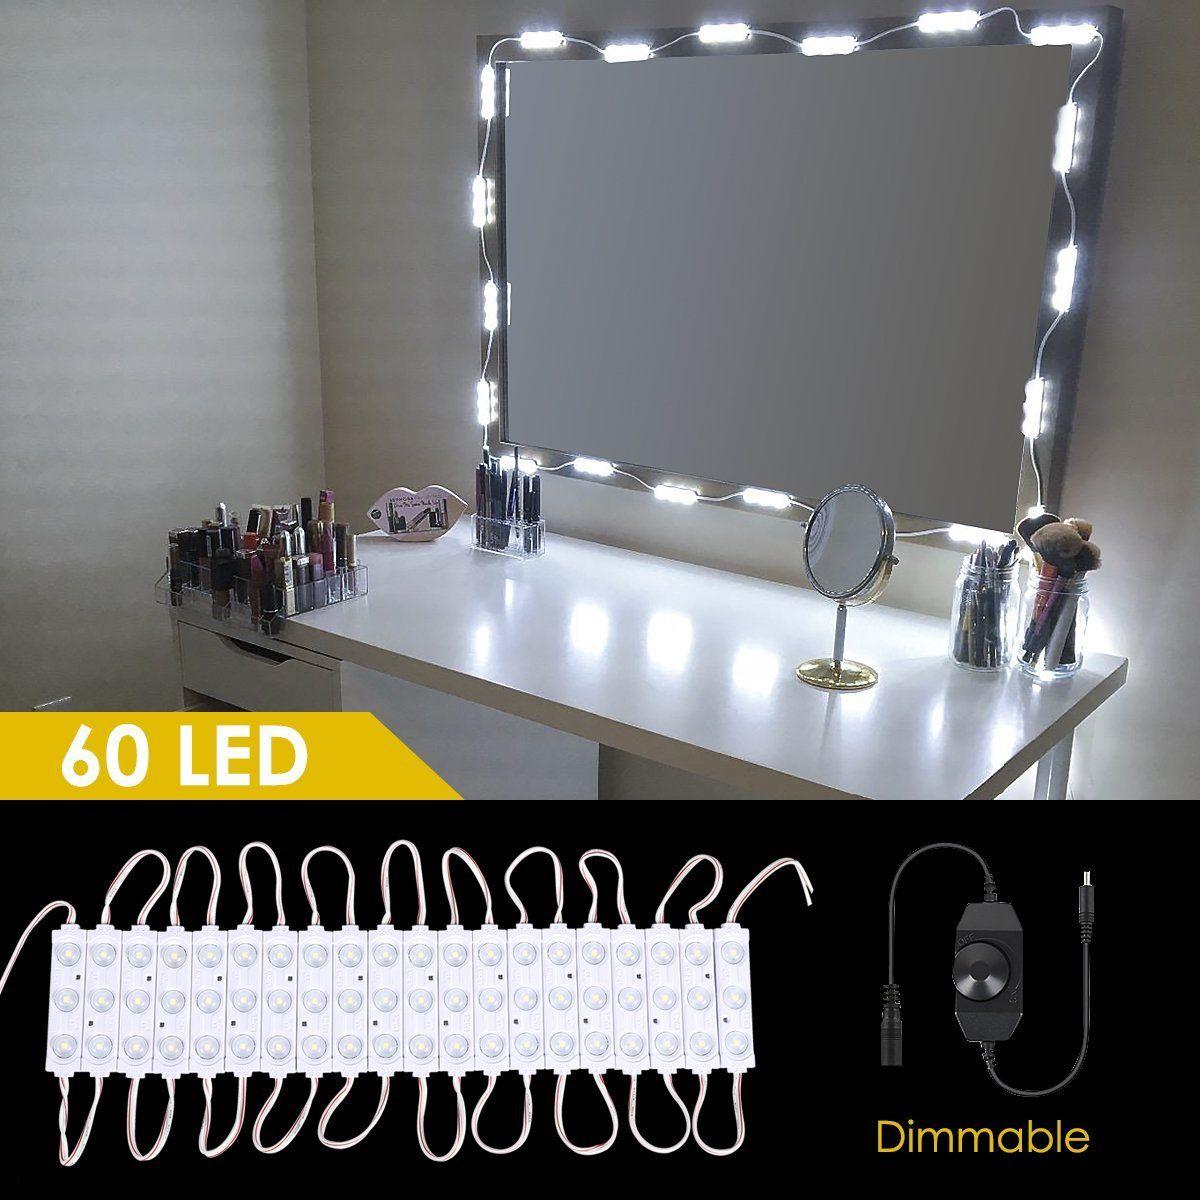 acheter kits d eclairage de vanite de salle de bains bricolage pour miroir de vanite de maquillage cosmetique 60 led kit de miroir de maquillage eclaire